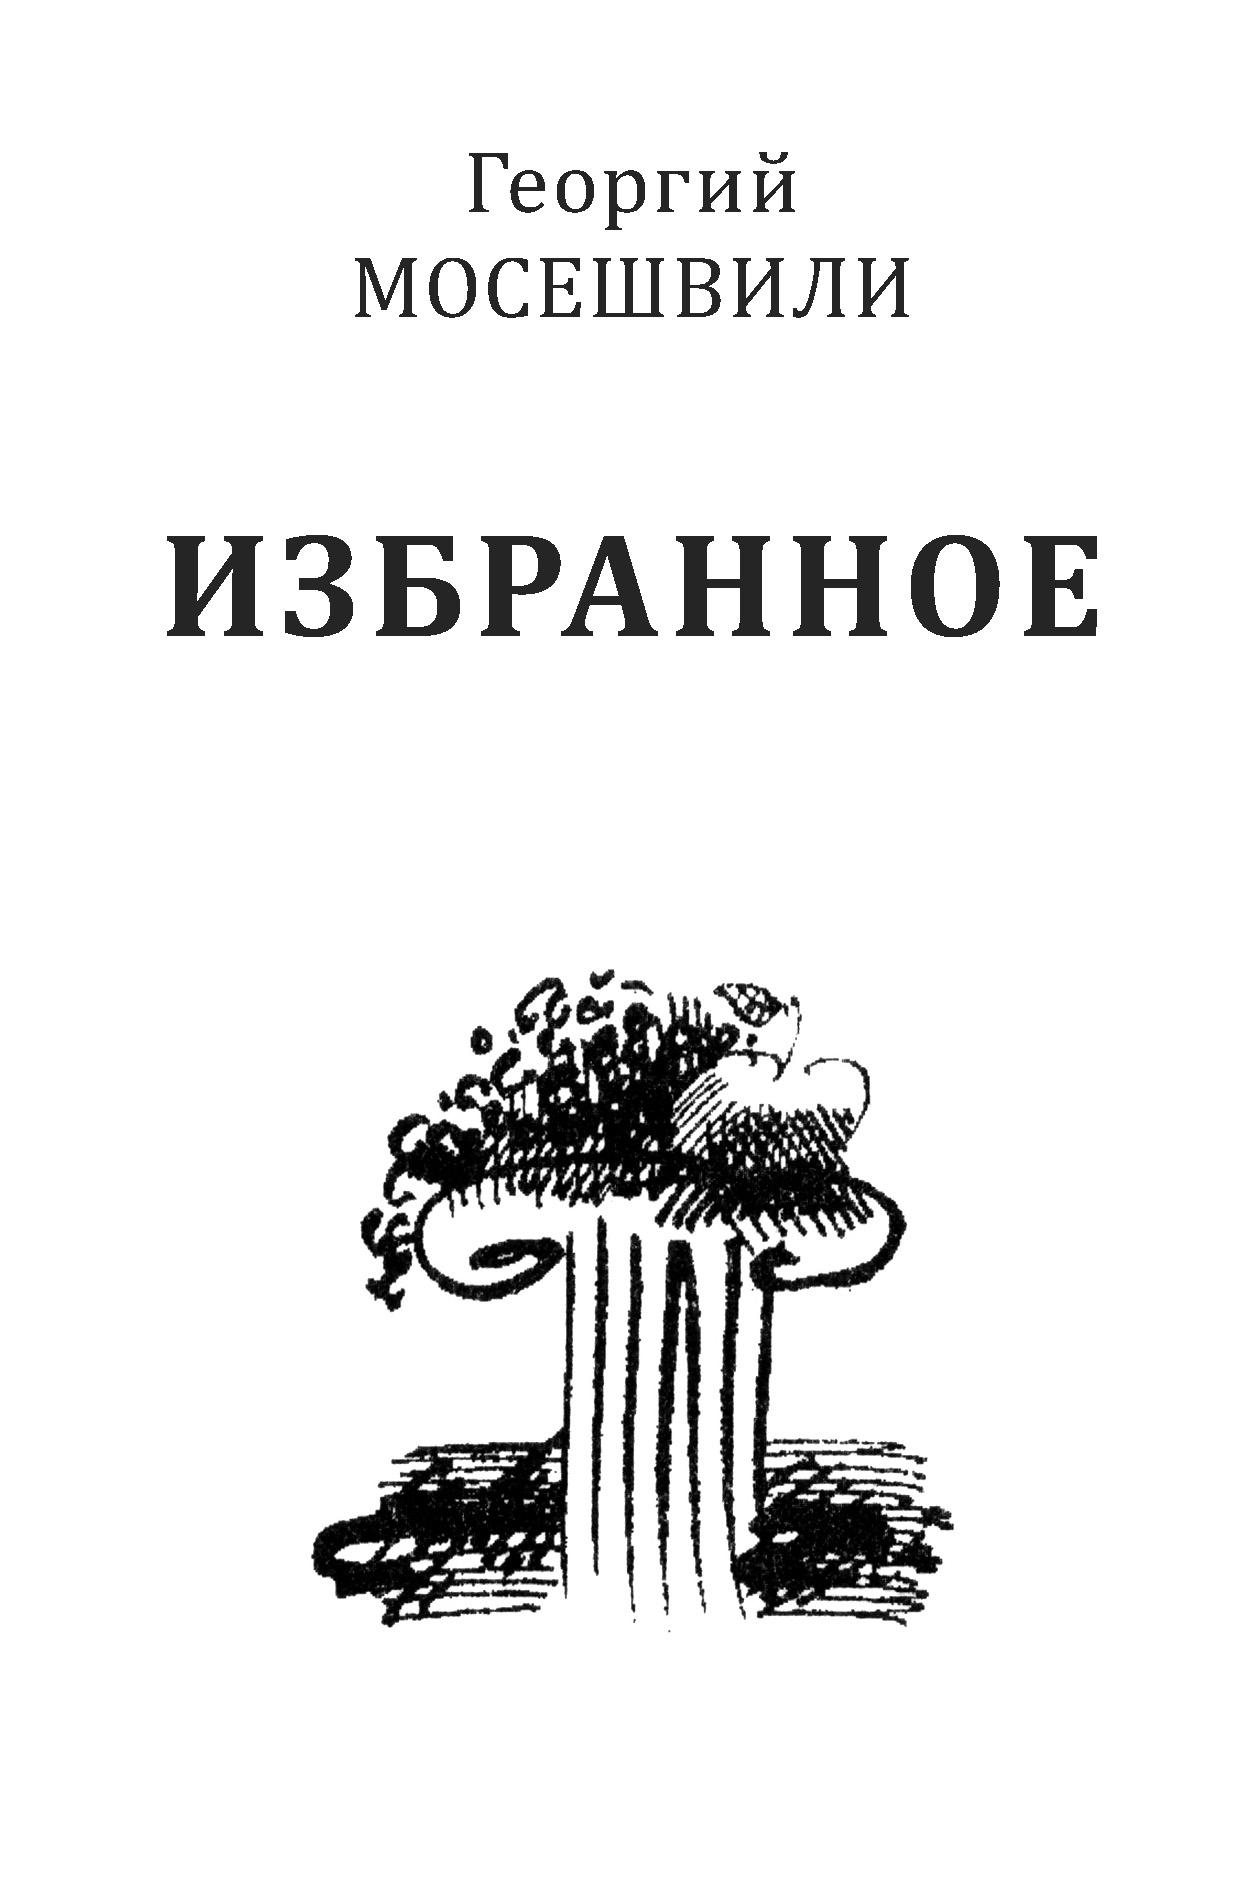 Георгий Мосешвили Избранное. Том II анатолий иванович ермолаев избранное сборник стихов